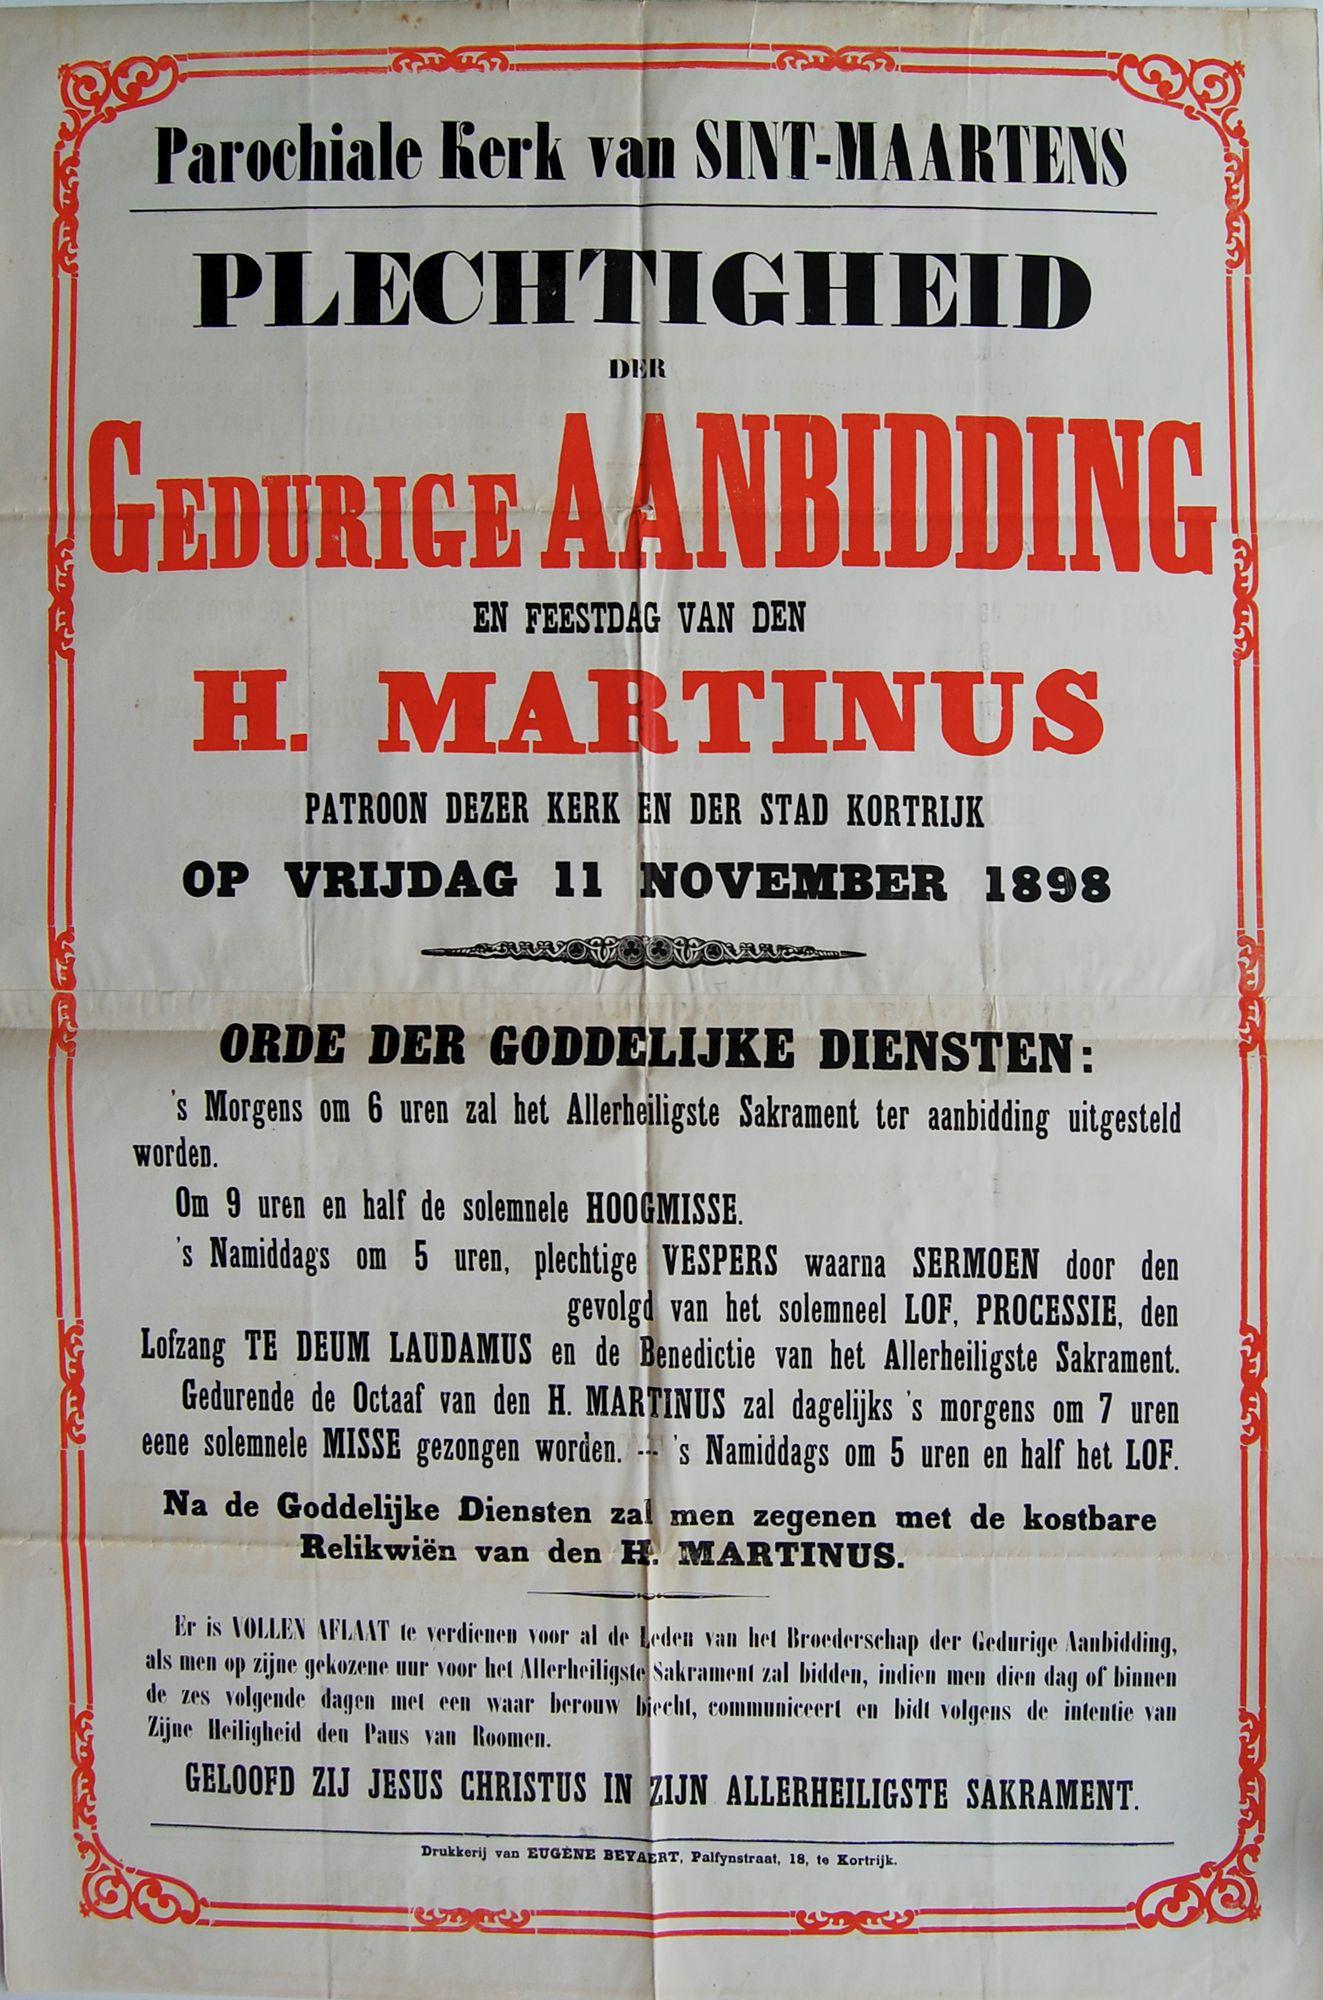 Plechtigheid Sint-Maartenskerk in 1898